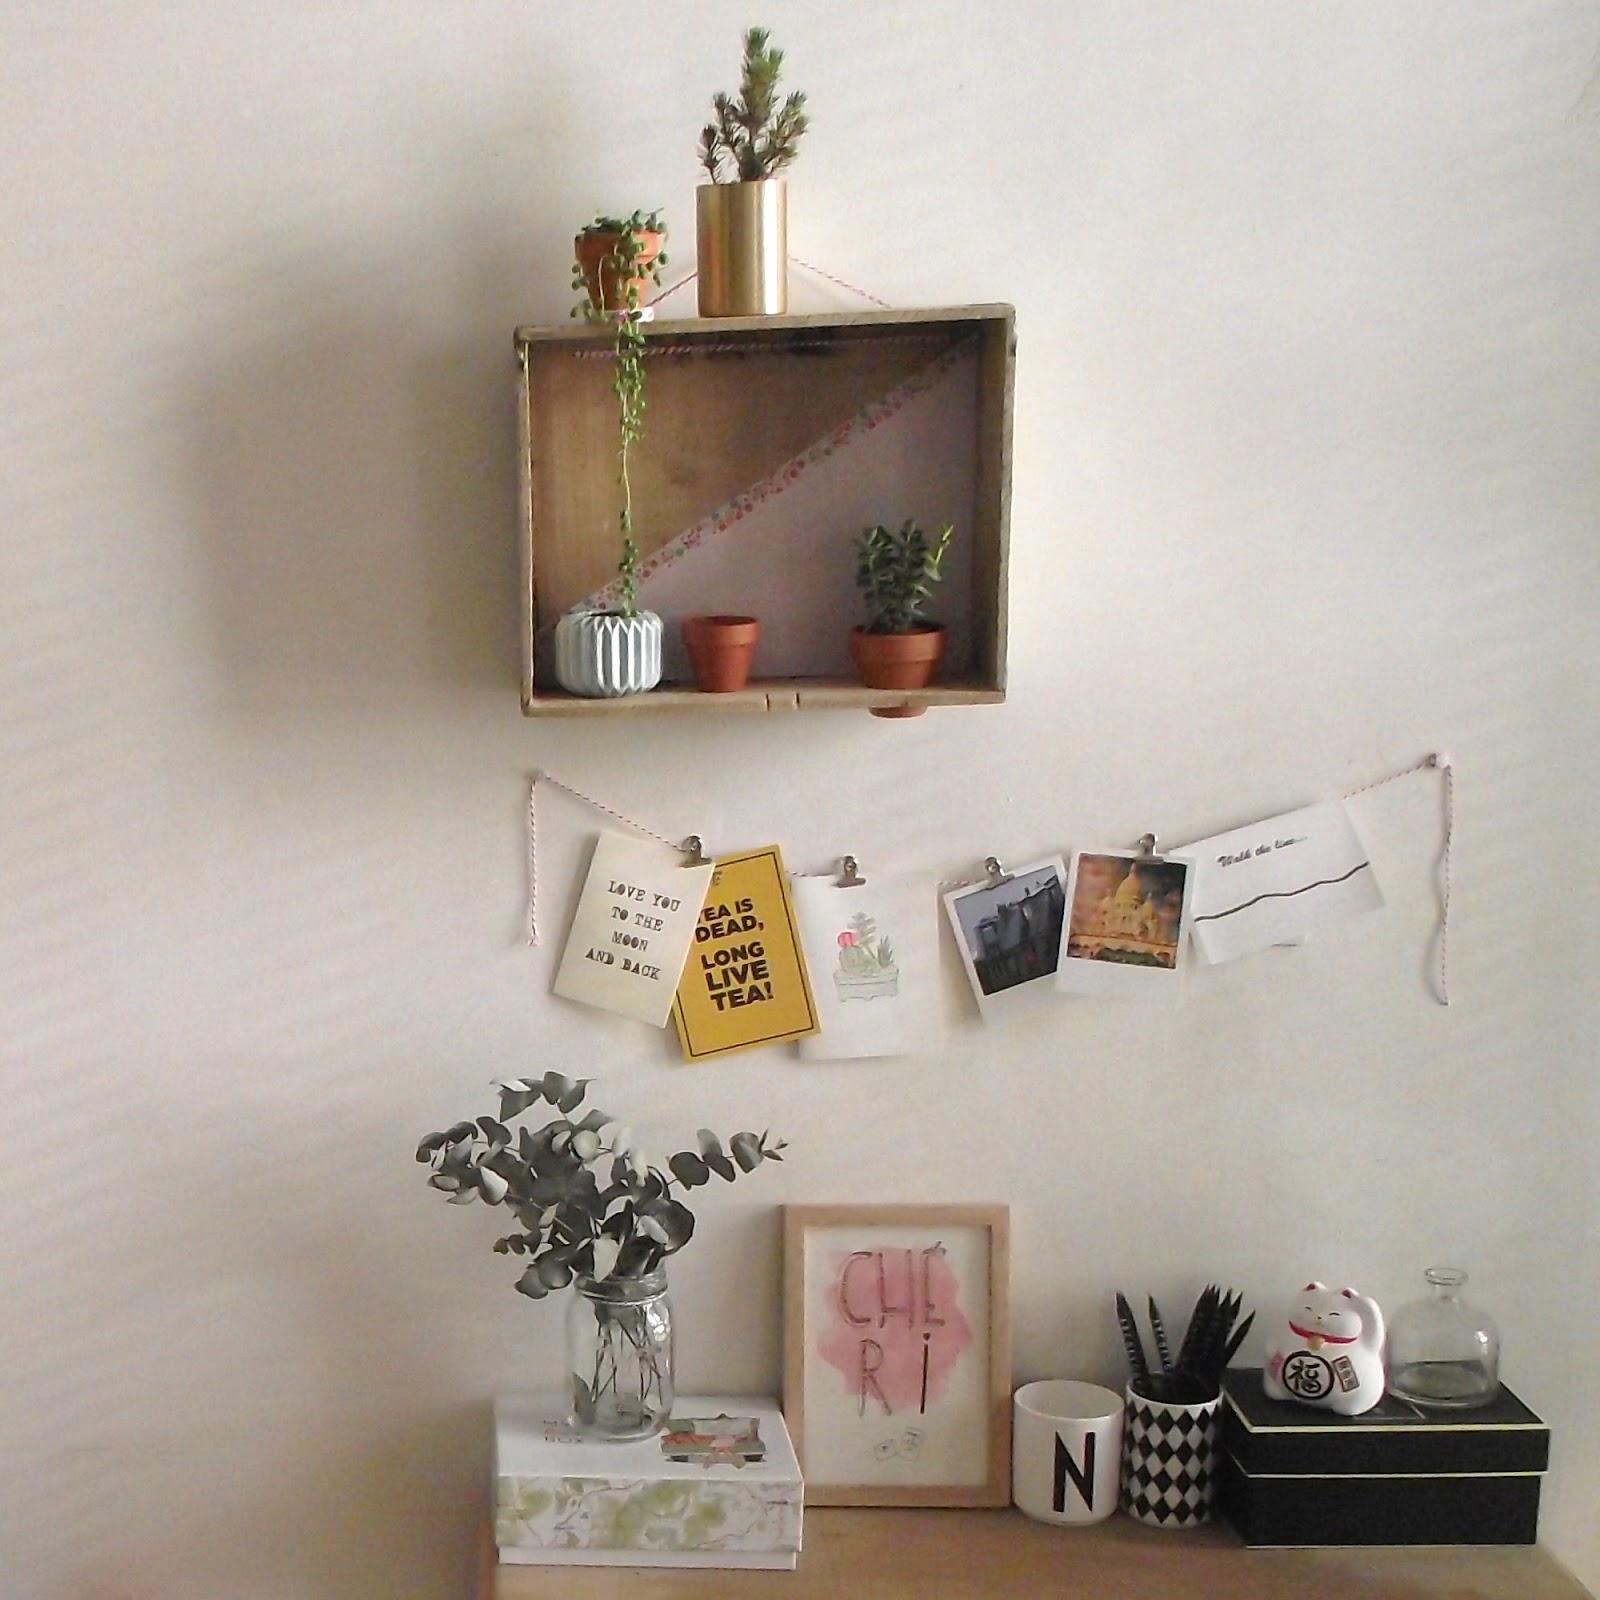 des petits meubles et deux marie nalou 39 s in the air. Black Bedroom Furniture Sets. Home Design Ideas